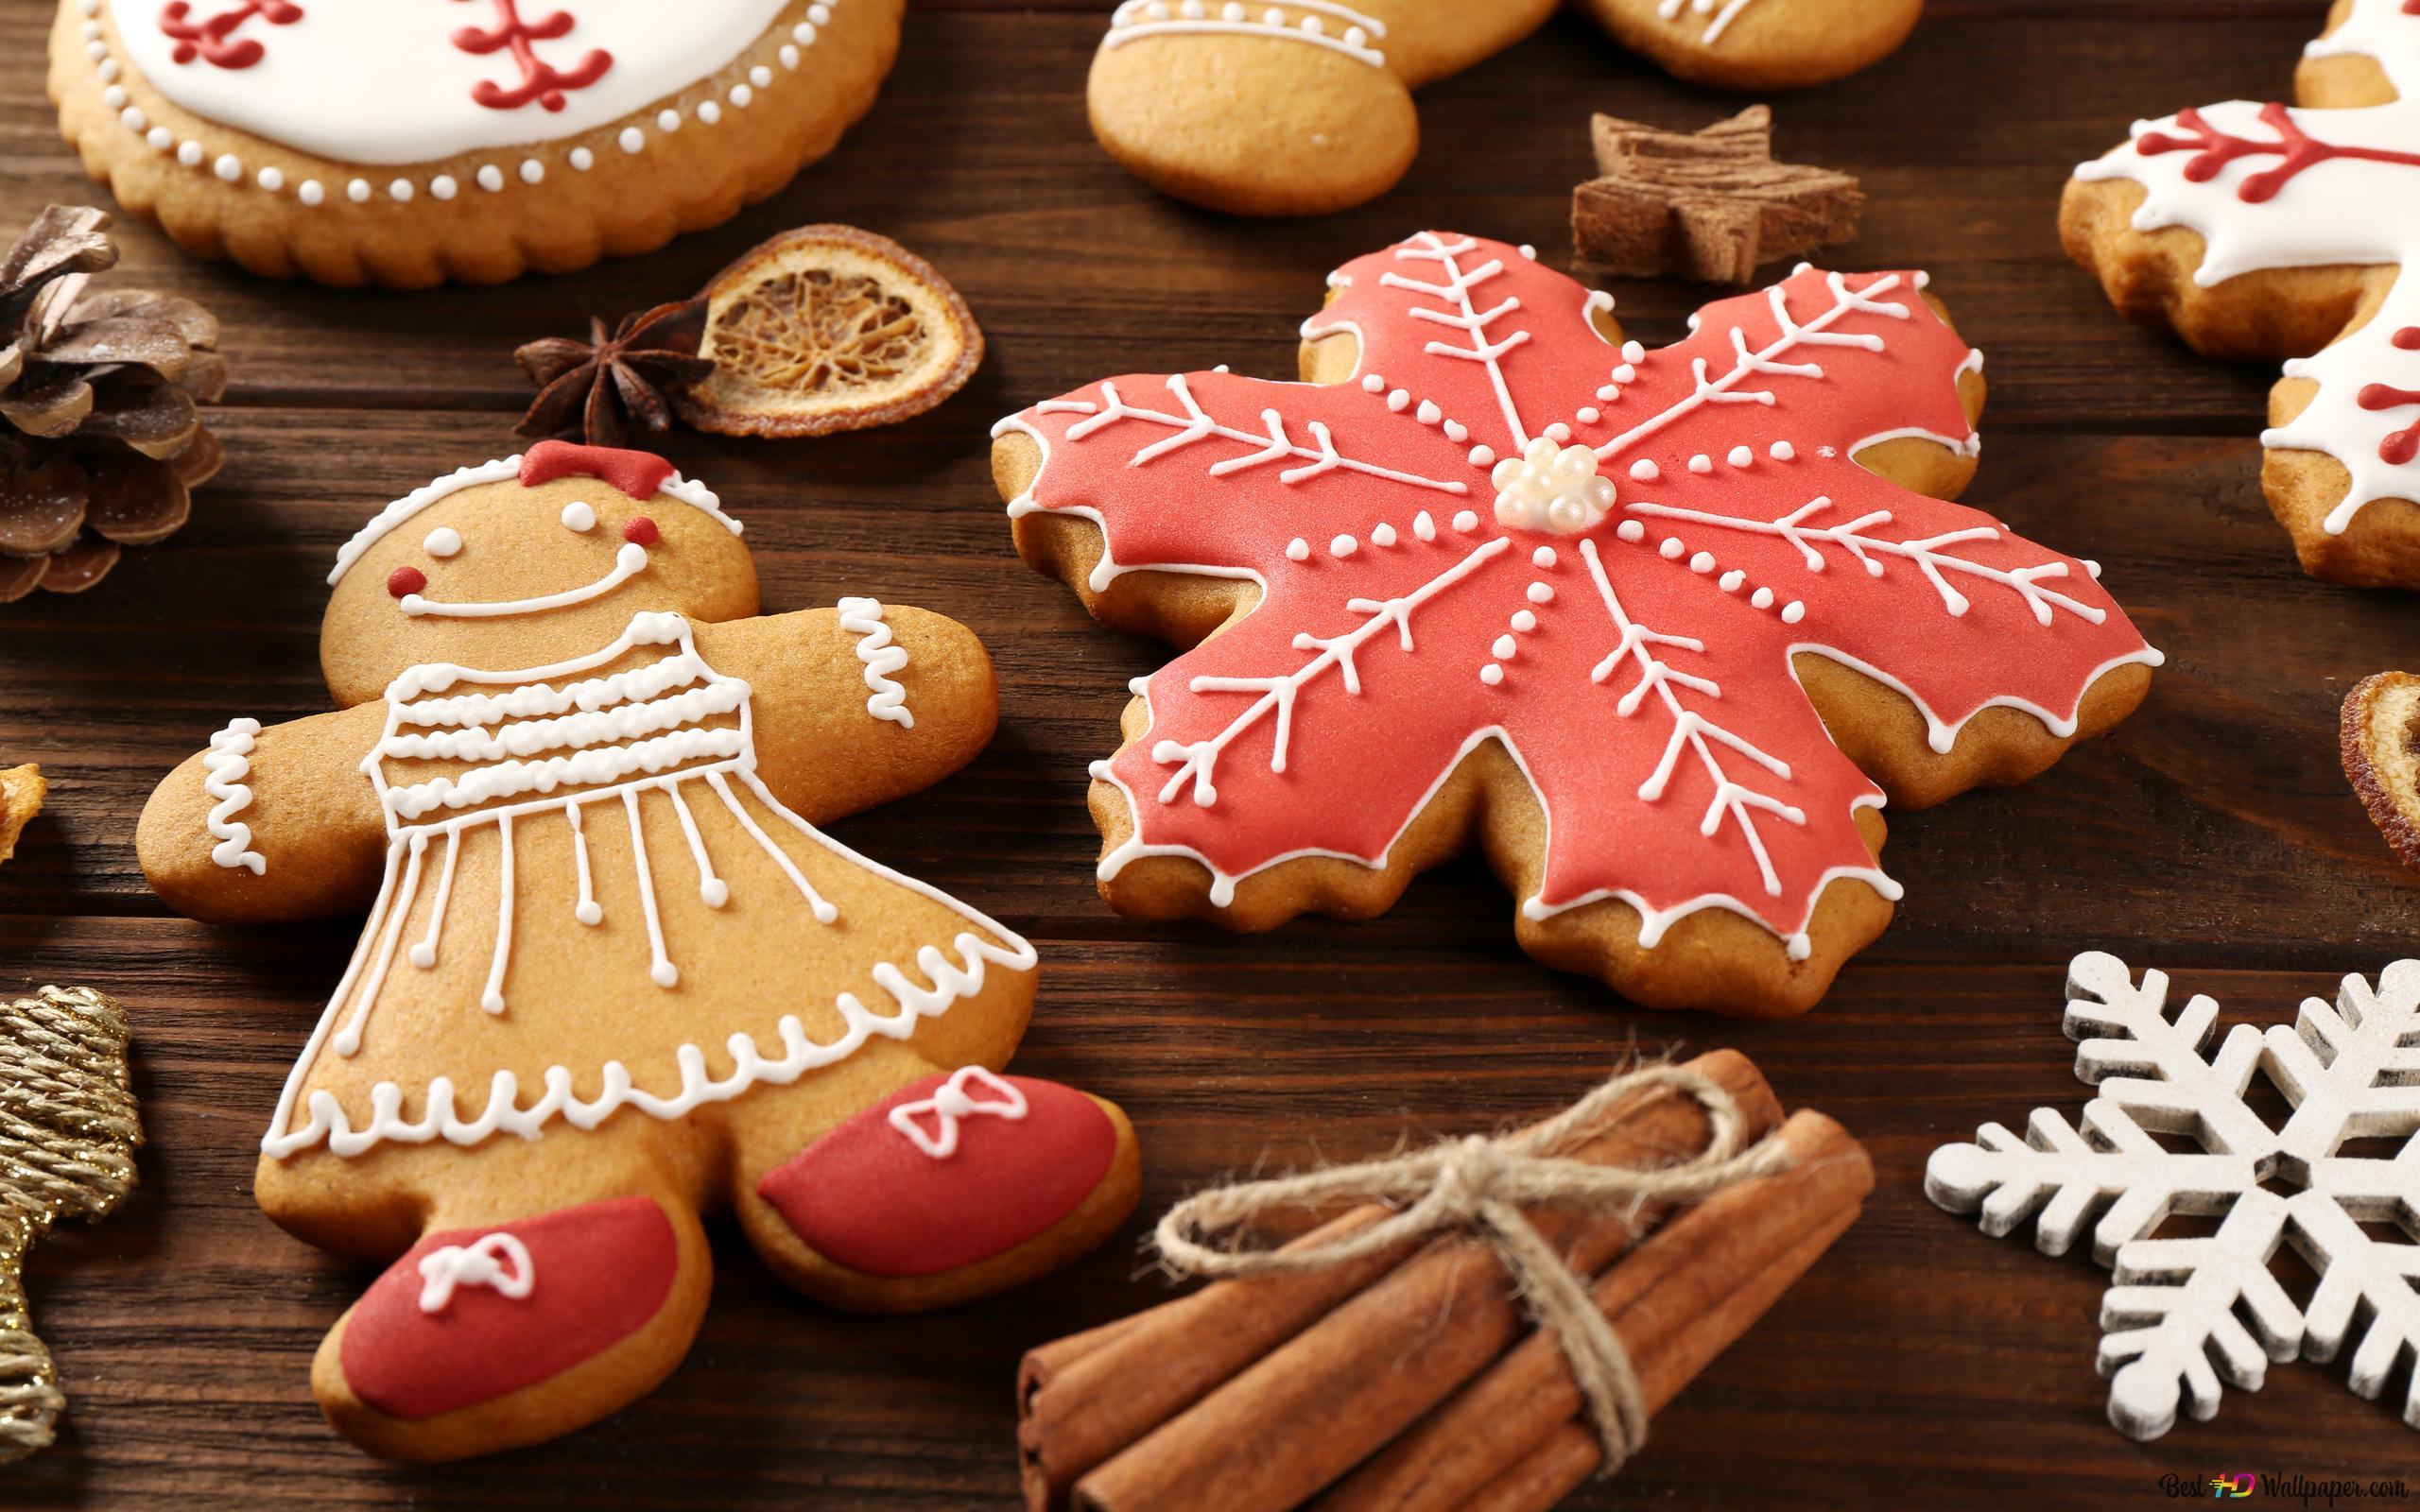 クリスマスクッキー Hd壁紙のダウンロード